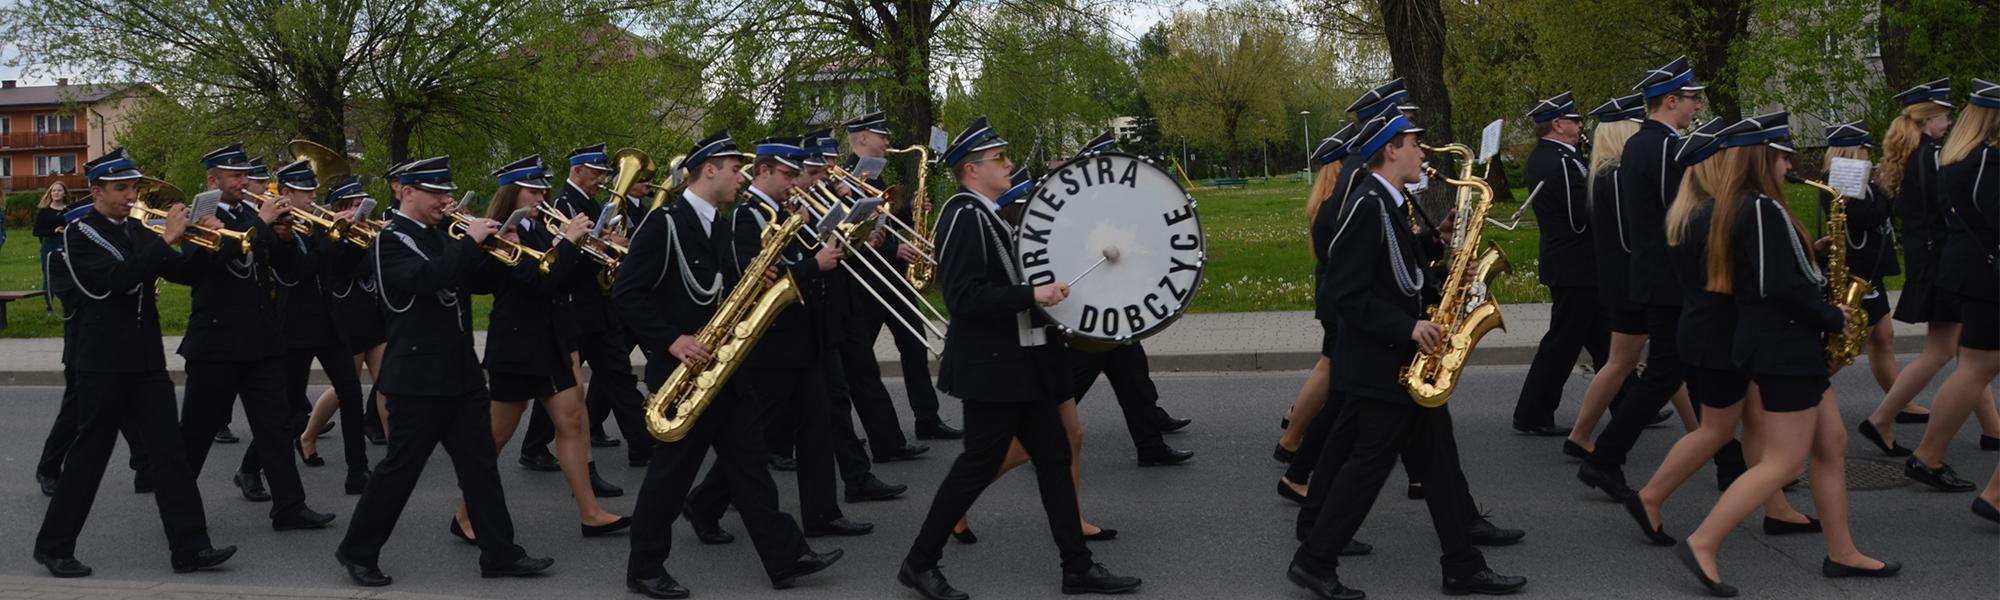 Orkiestra Dęta Dobczyce